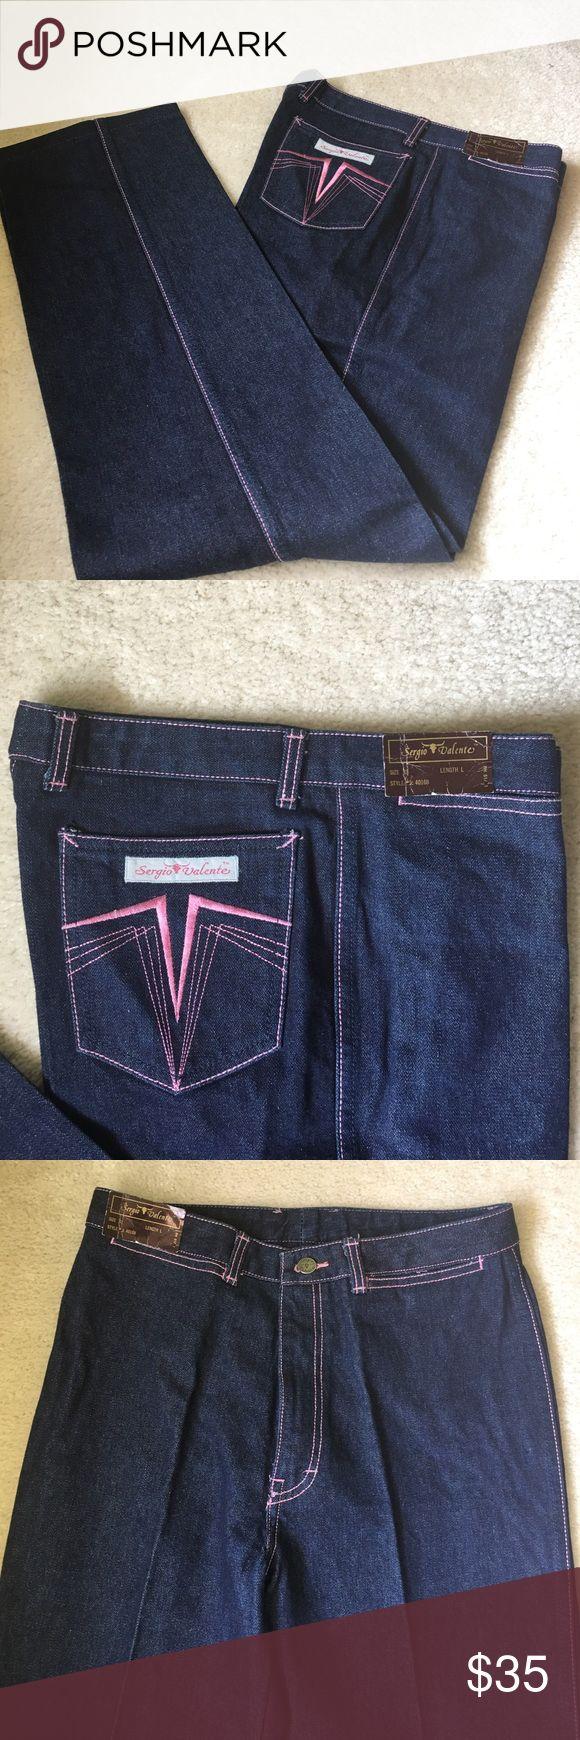 """Vintage Sergio Valente Jeans NWT- Vintage Sergio Valente Jeans - Indigo blue with pink stitching, waist approx 16"""", inseam 30"""", will fit 28/29"""" waist Sergio Valente Jeans Straight Leg"""